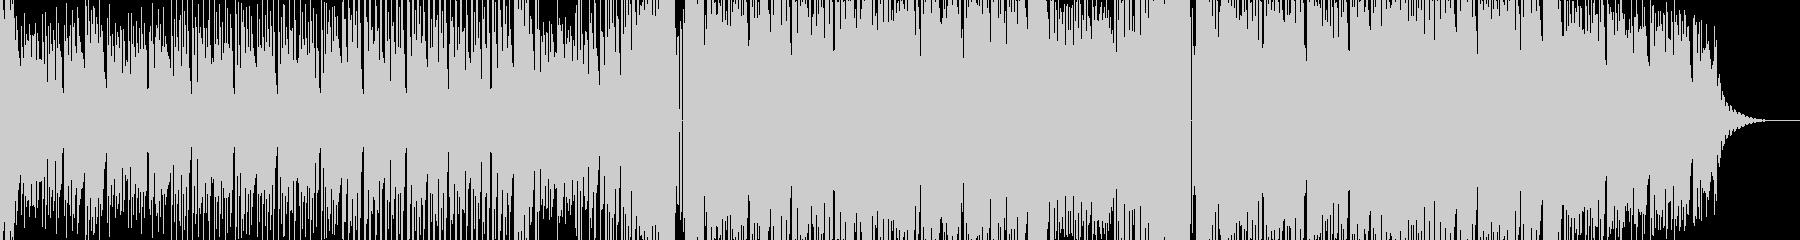 オシャレなEDMの未再生の波形